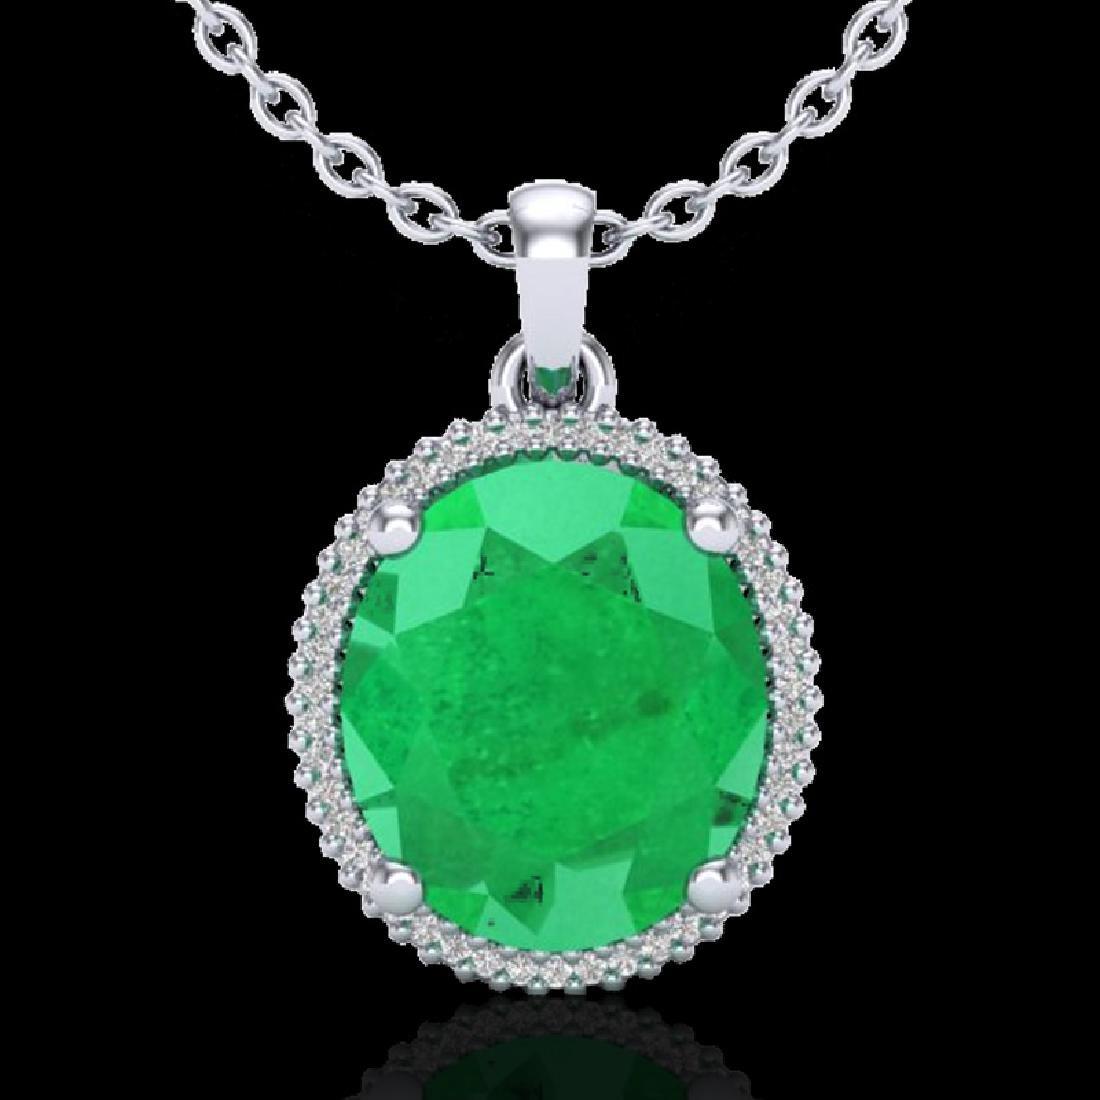 12 CTW Emerald & Micro Pave VS/SI Diamond Halo Necklace